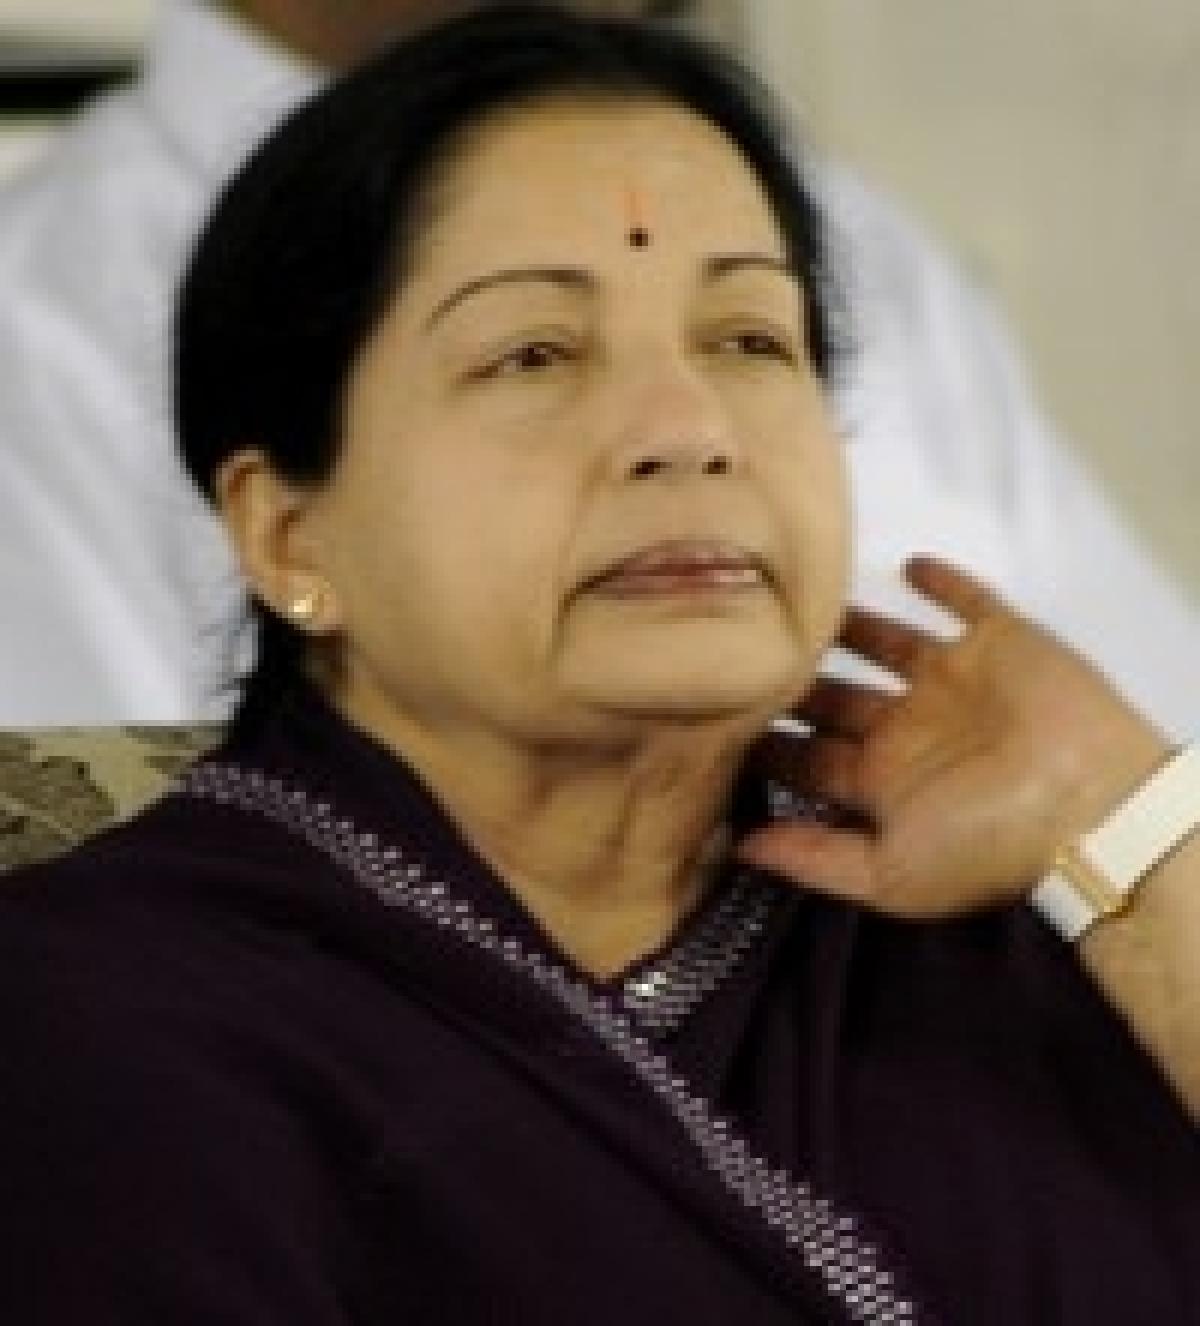 கர்நாடகா தேர்தல்: அ.தி.மு.க. வேட்பாளர்கள் அறிவிப்பு